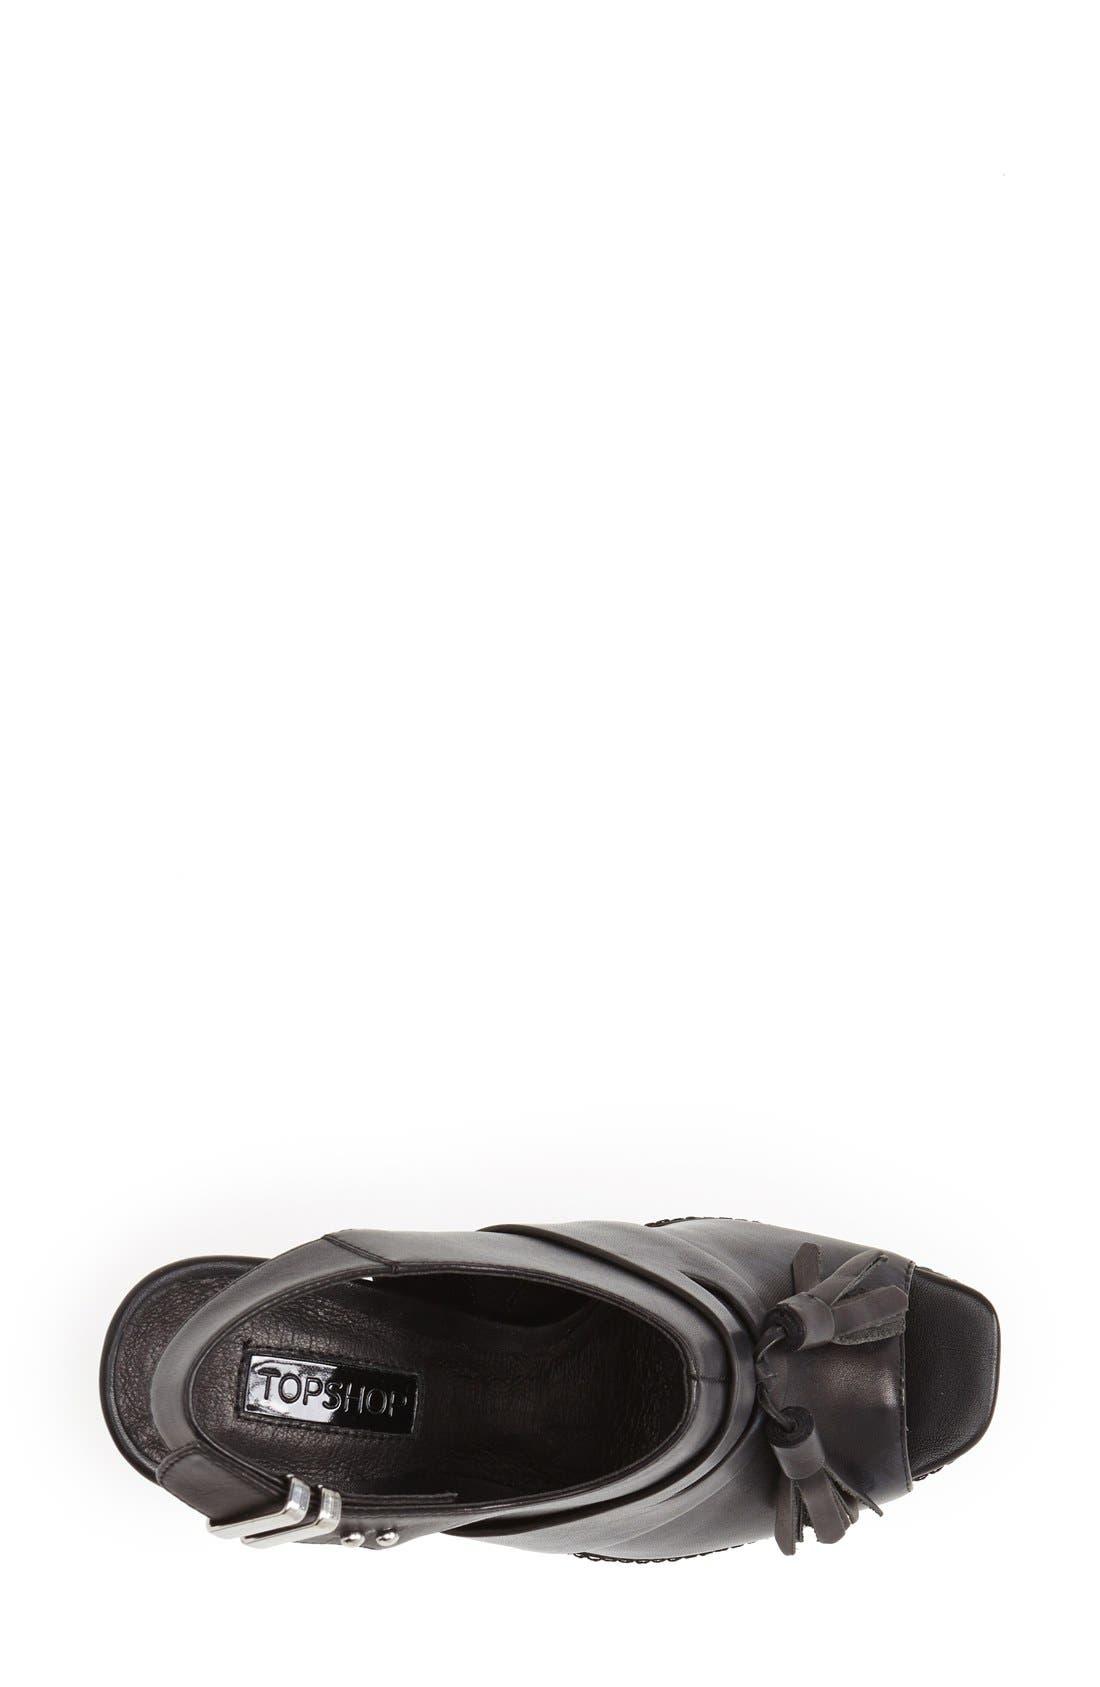 Alternate Image 3  - Topshop 'Sassy' Platform Sandal